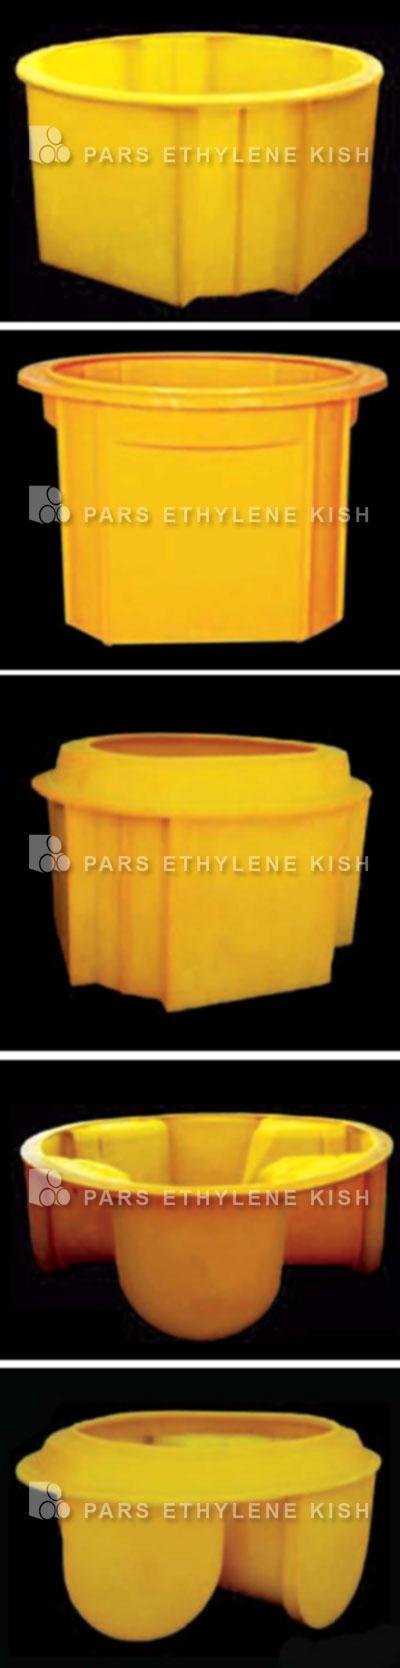 انواع کفی منهول پلی اتیلن